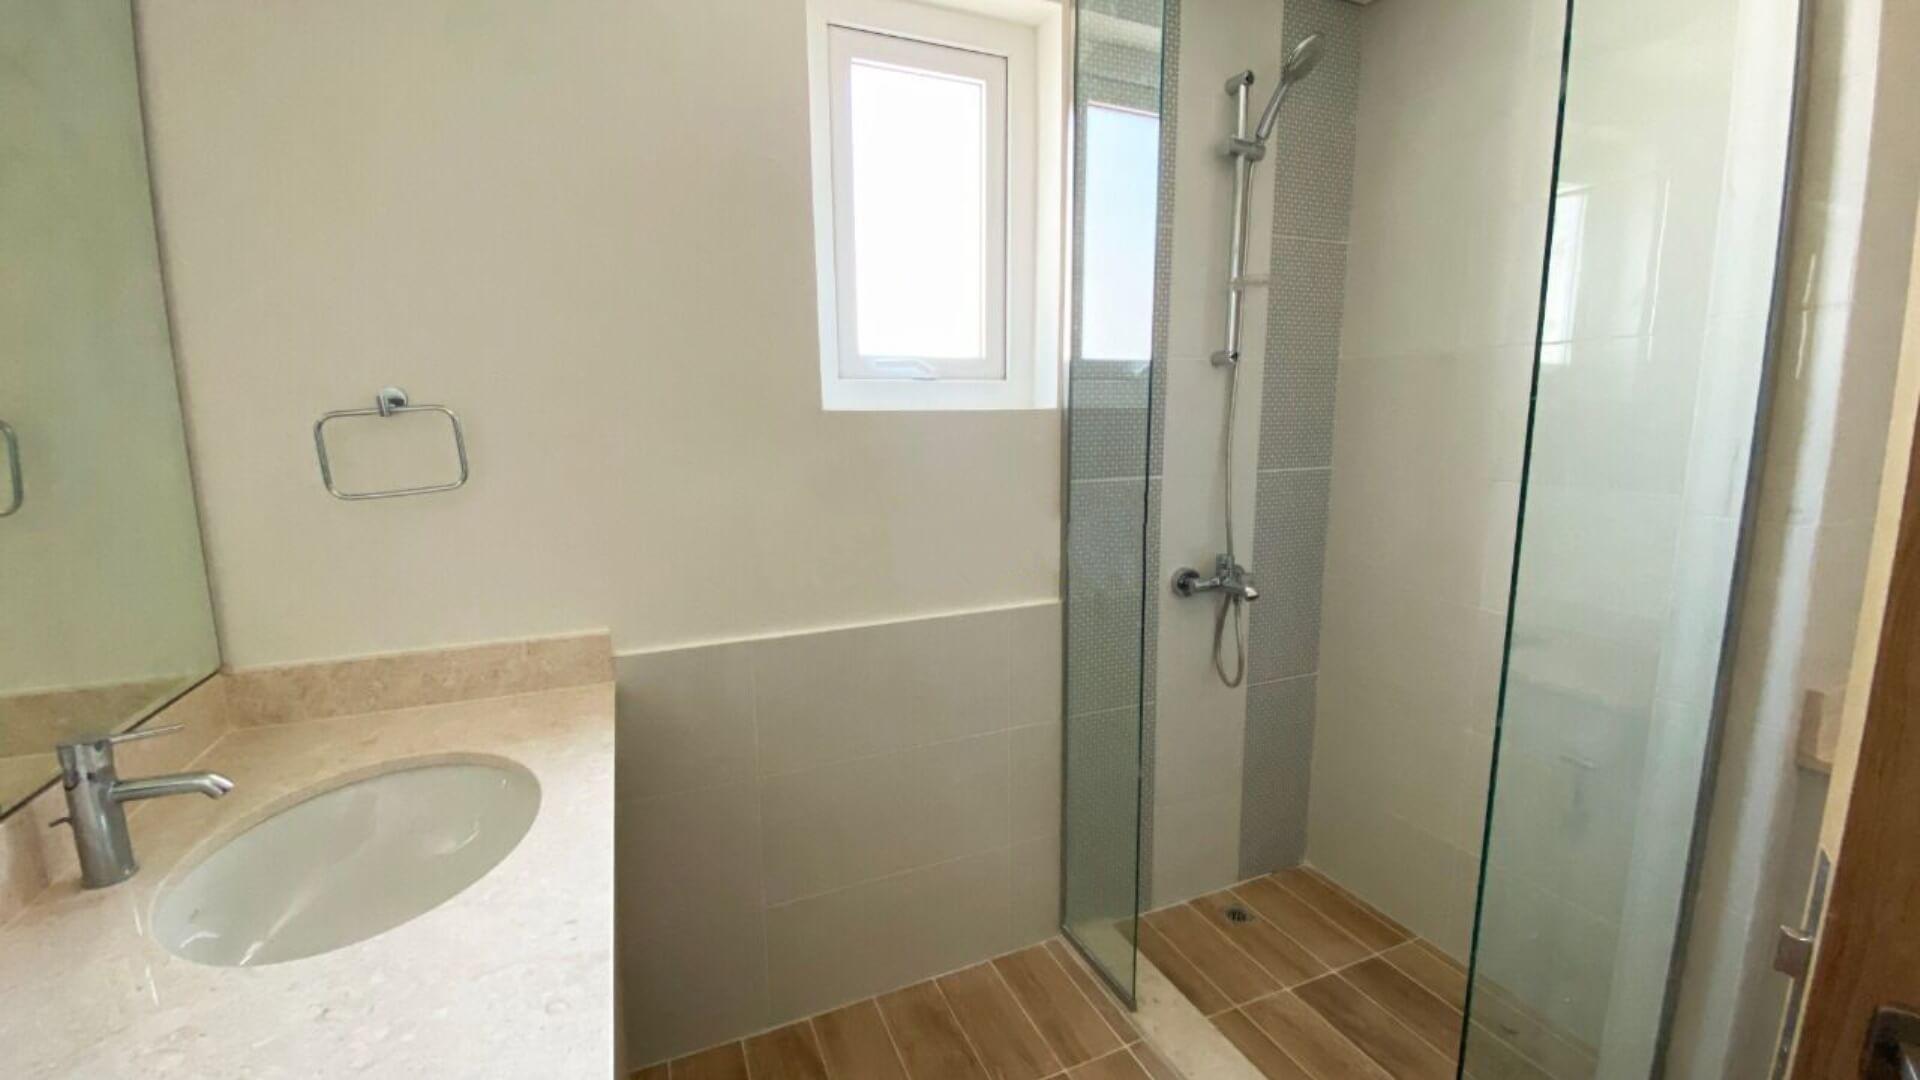 Villa en venta en Dubai, EAU, 3 dormitorios, 161 m2, № 24306 – foto 1